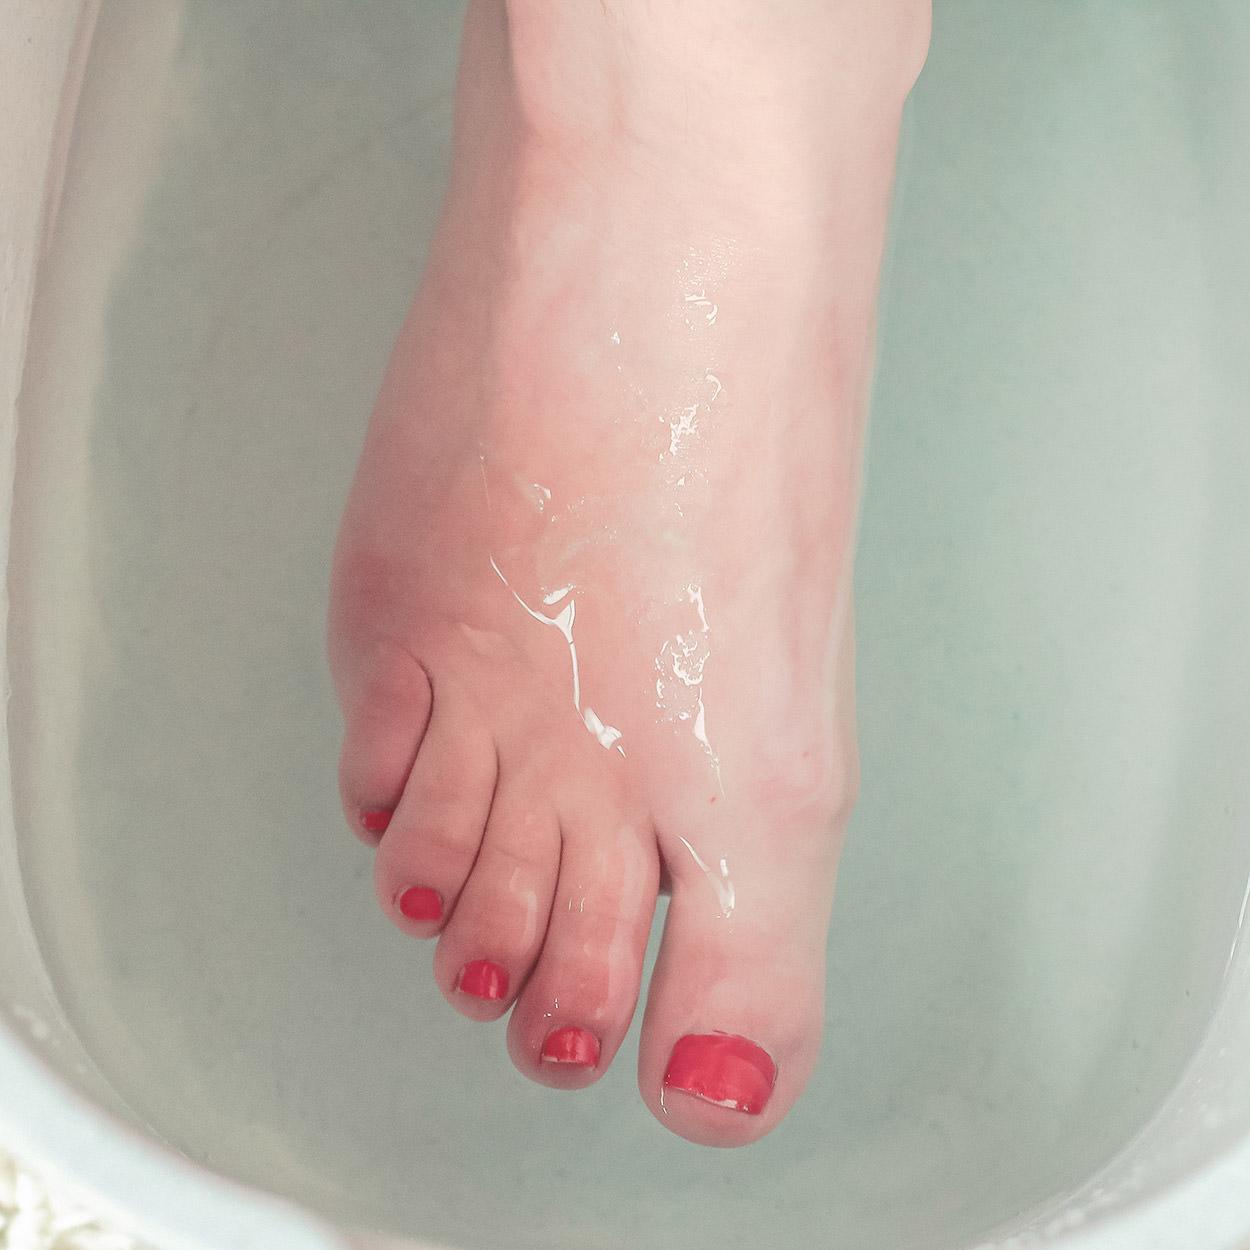 Overheating feet